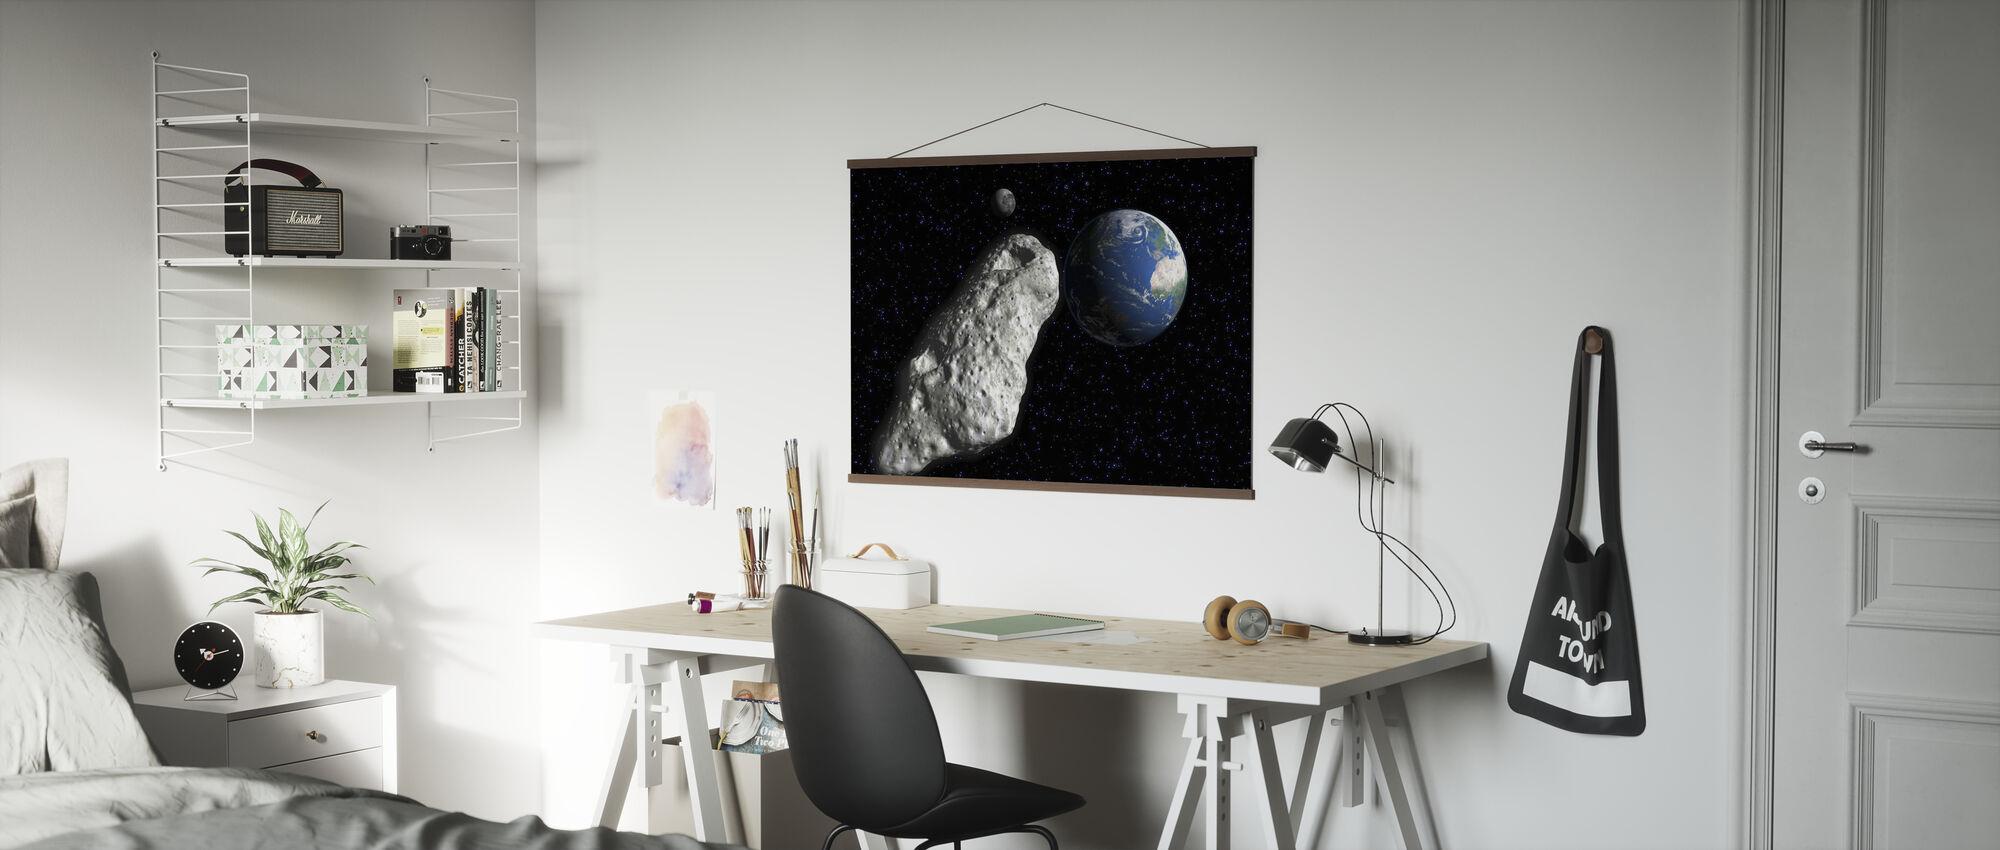 Asteroidi - Juliste - Toimisto